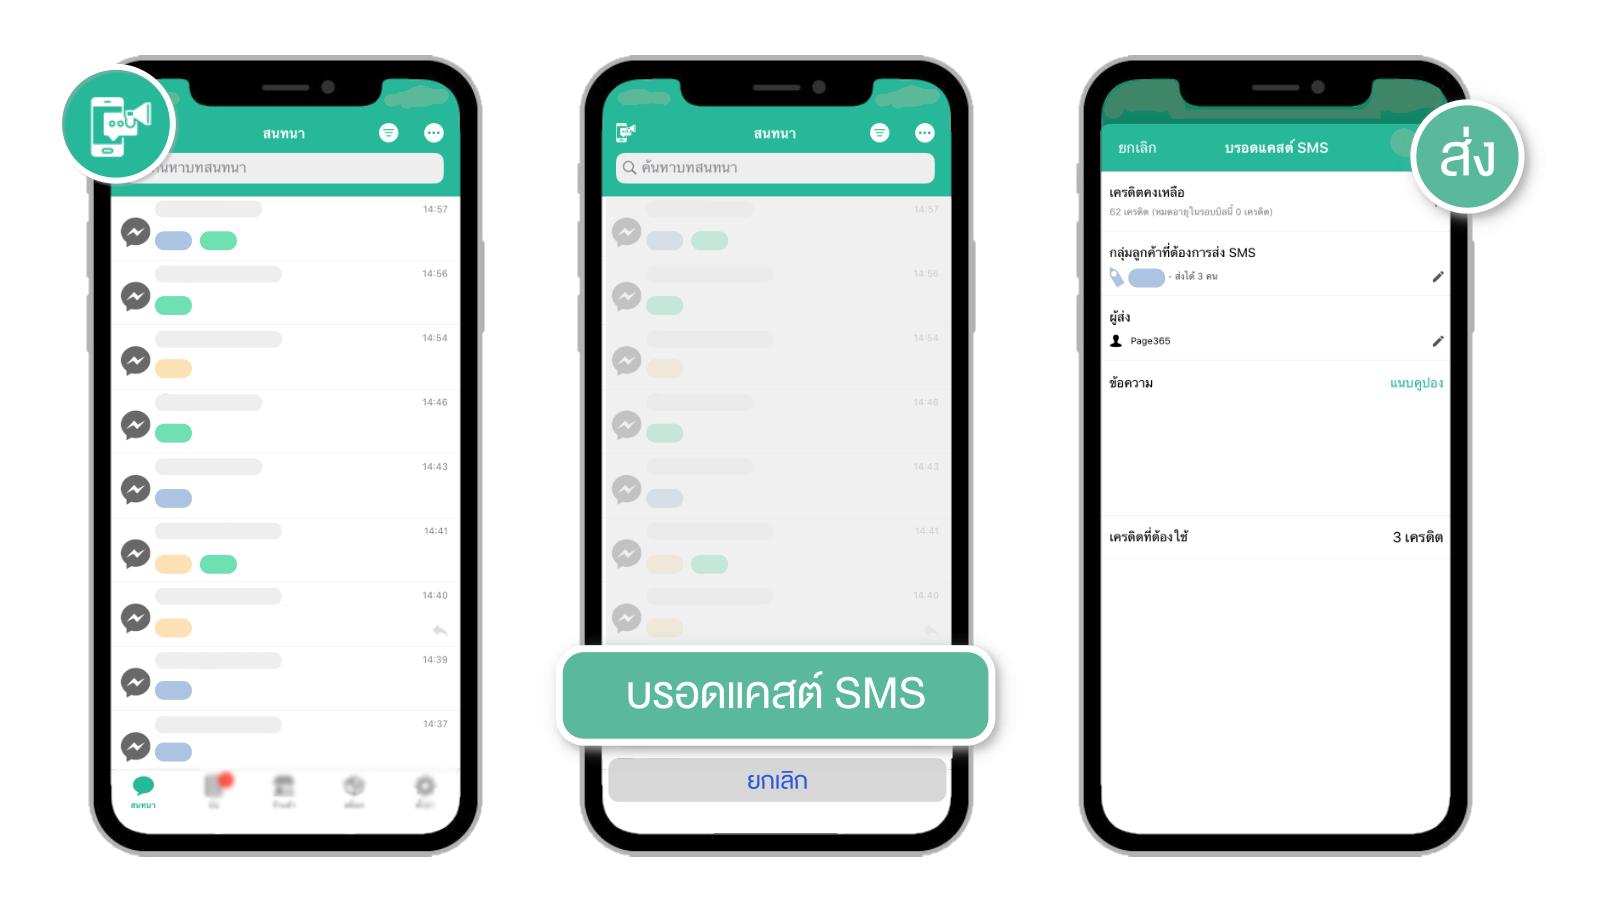 วิธีบรอดแคสต์ SMS